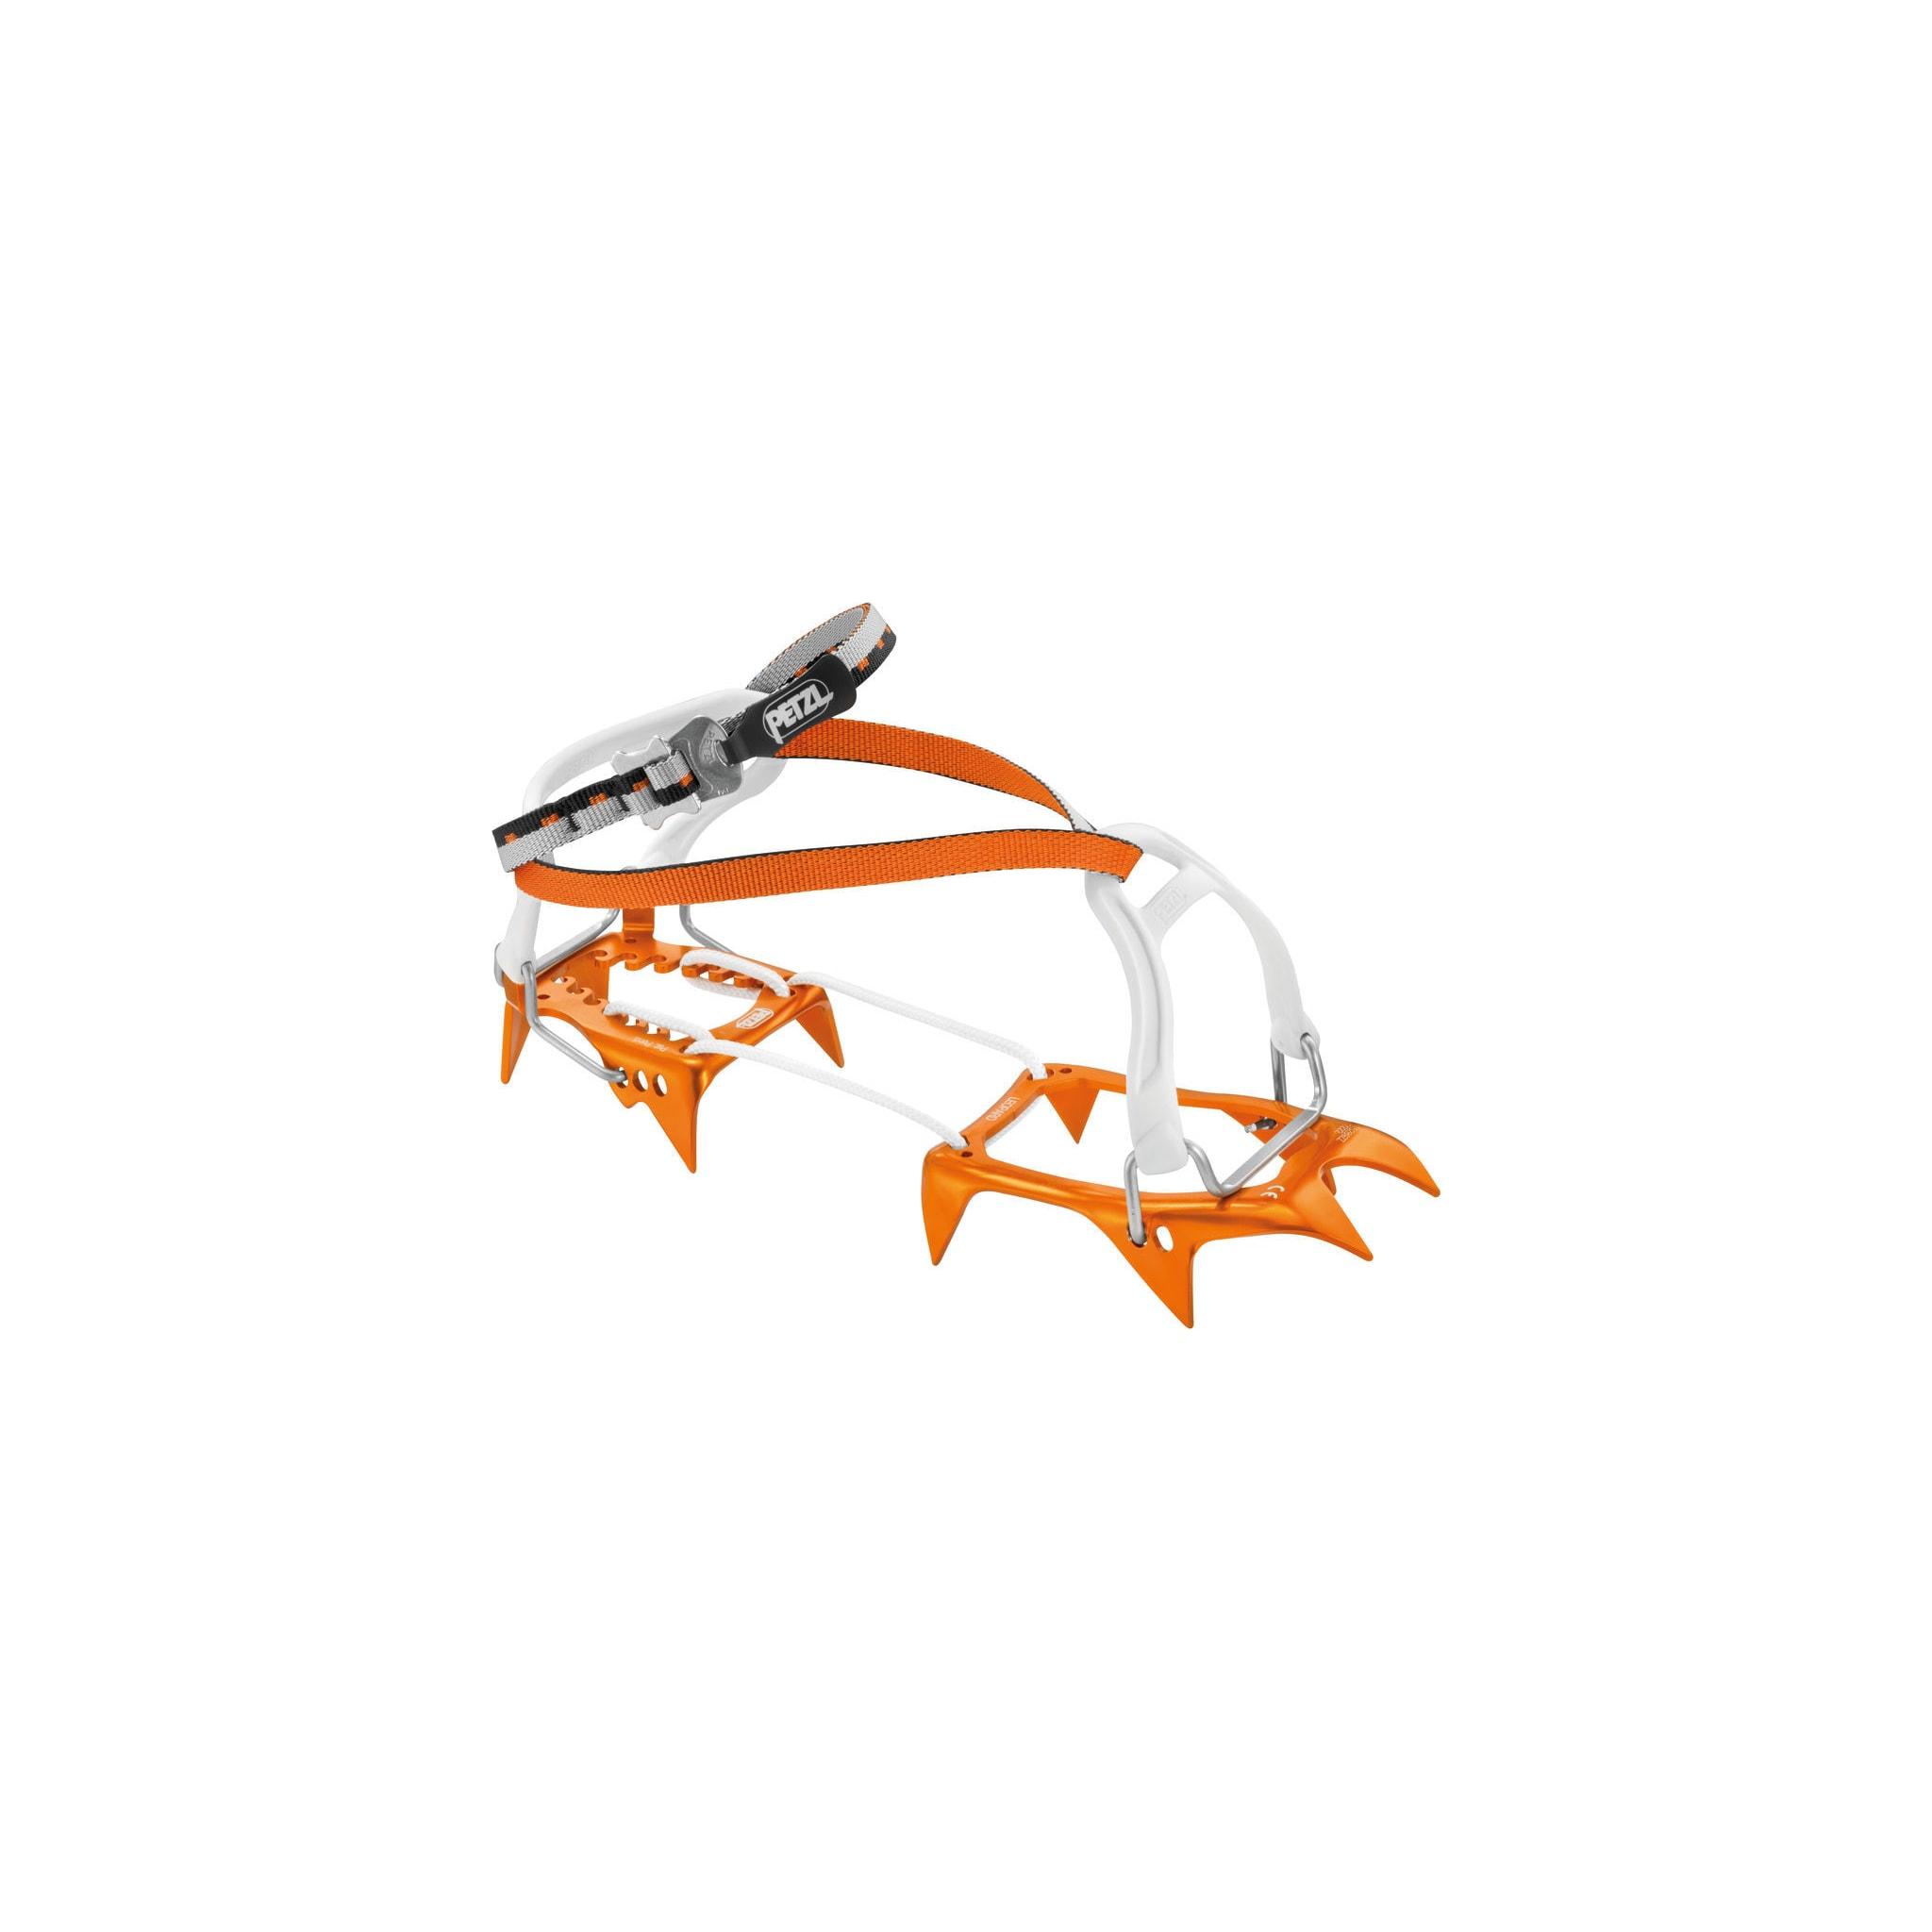 Lette og kompakte stegjern for toppturer på snø